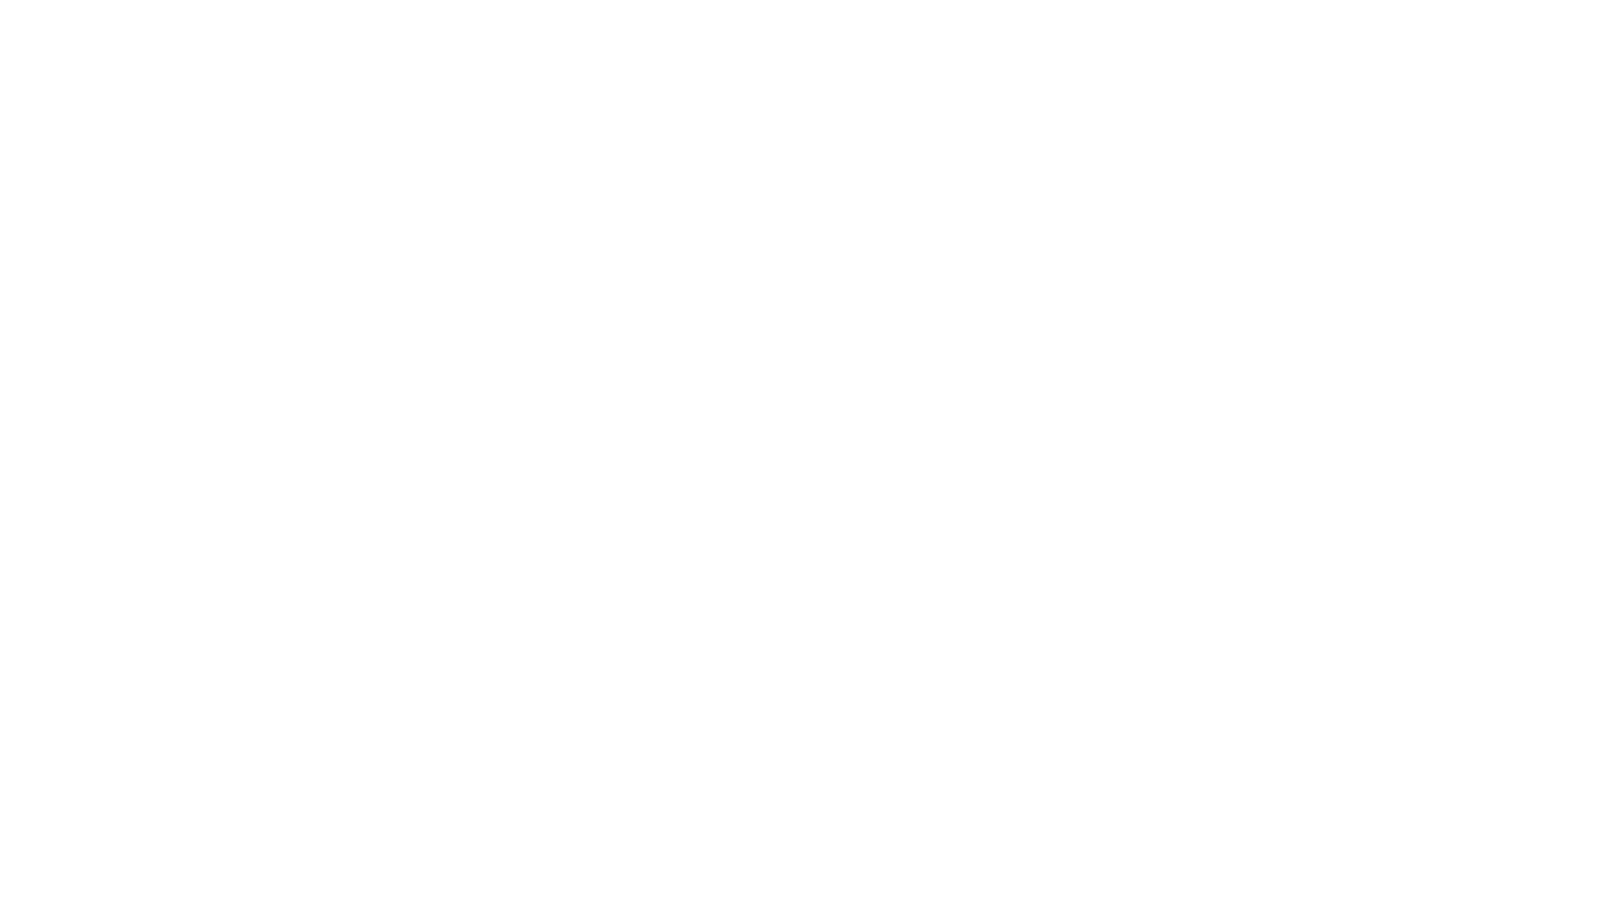 DAL 29 OTTOBRE AL 1° NOVEMBRE 2020 Si terrà il prossimo 29 ottobre, dalle ore 17 in via Margutta, l'inaugurazione della storica mostra CENTO PITTORI VIA MARGUTTA. L'inaugurazione dell'esposizione artistica, che quest'anno omaggia Alberto Sordi in occasione del centenario della sua nascita, sarà presenziata da autorità e ospiti illustri. Ben 100 artisti nazionali e internazionali esporranno en plein air, fino al 1° novembre. La mostra si avvale del Patrocinio del Consiglio Regionale del Ad annunciare l'edizione autunnale 2020 della storica mostra sono il Presidente Luigi Salvatori, il vicepresidente Antonio Servillo e il Direttivo dell'Associazione Cento Pittori via Margutta.